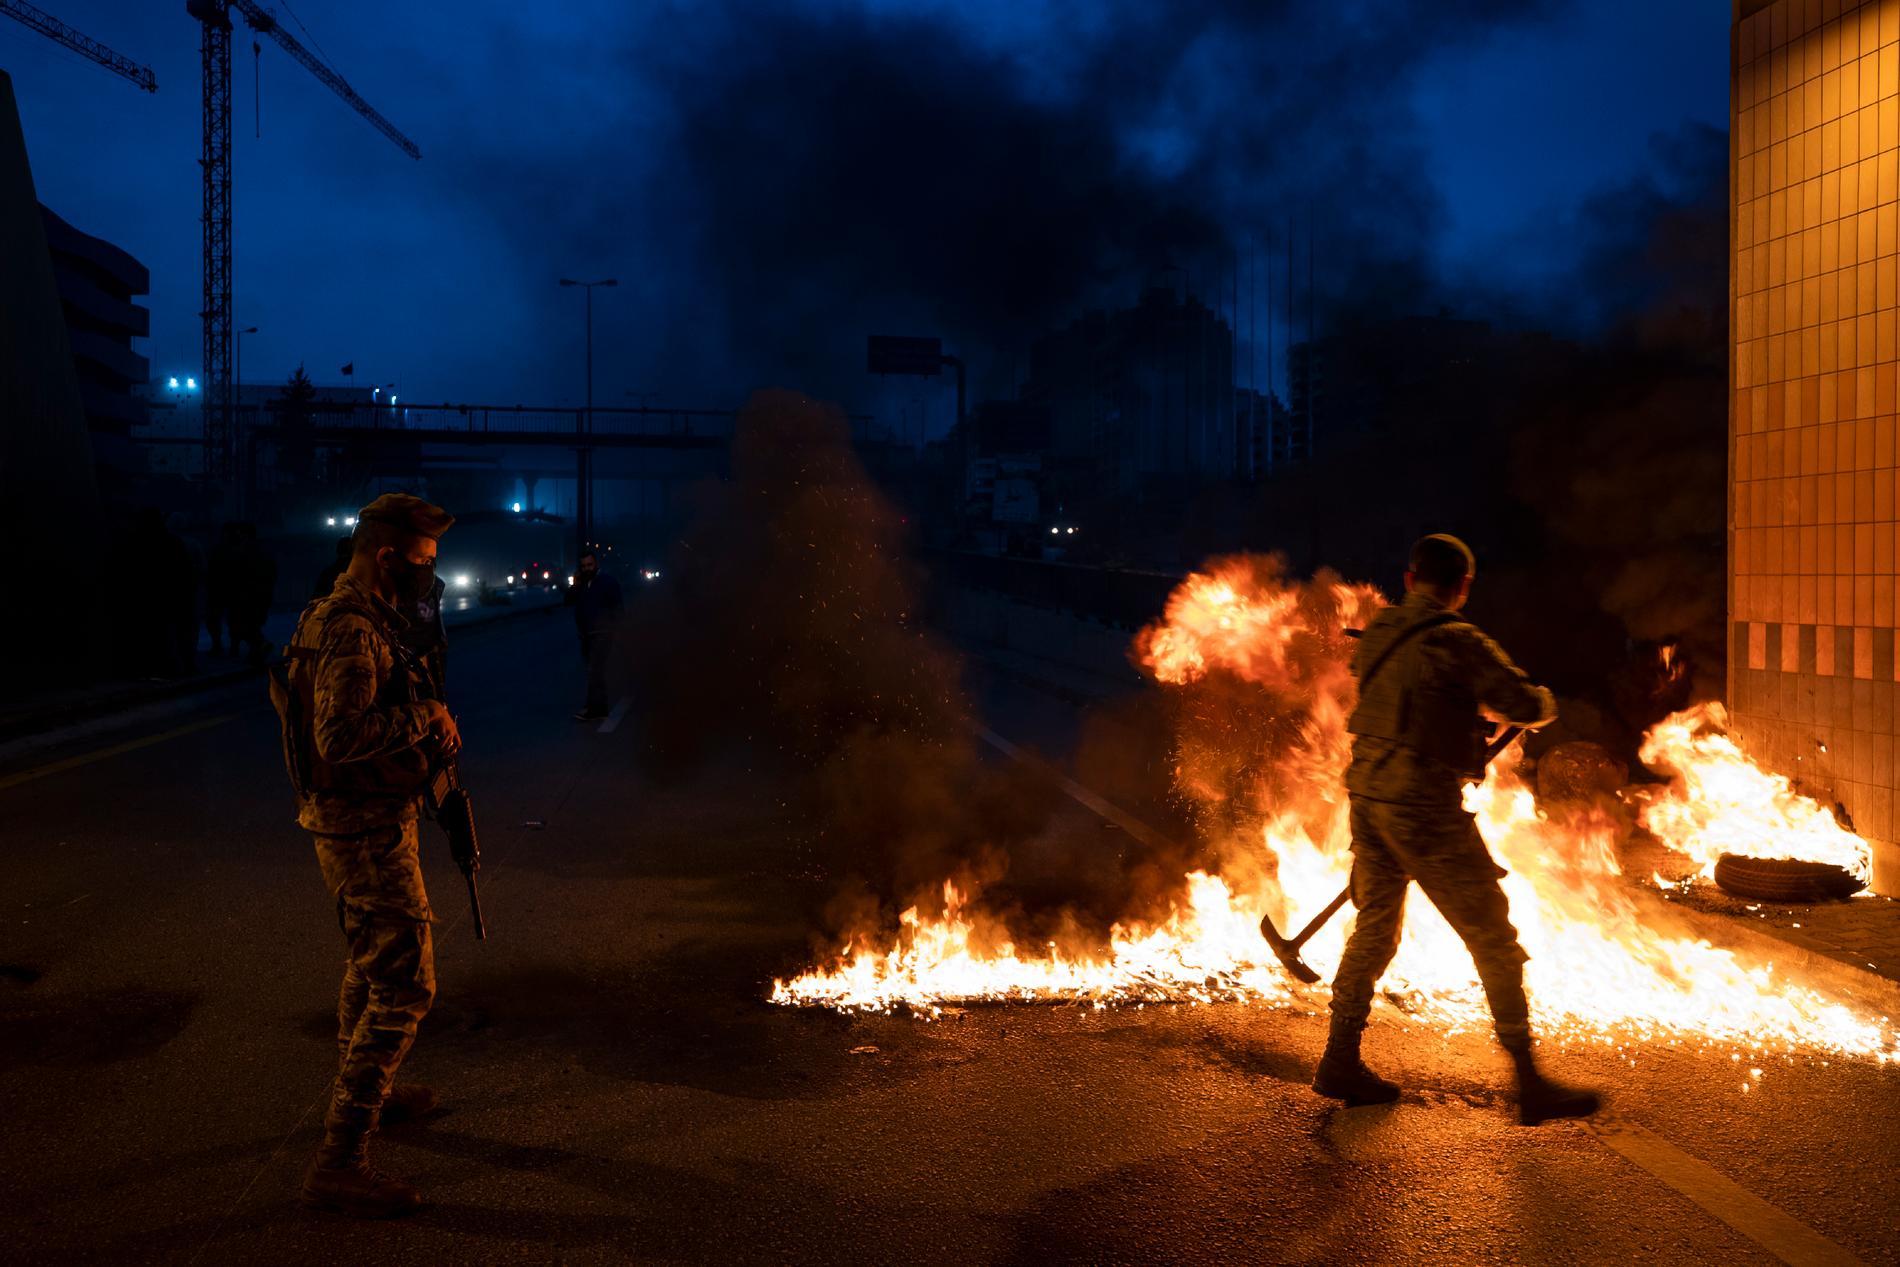 Libanesisk militär städar undan brinnande däck.